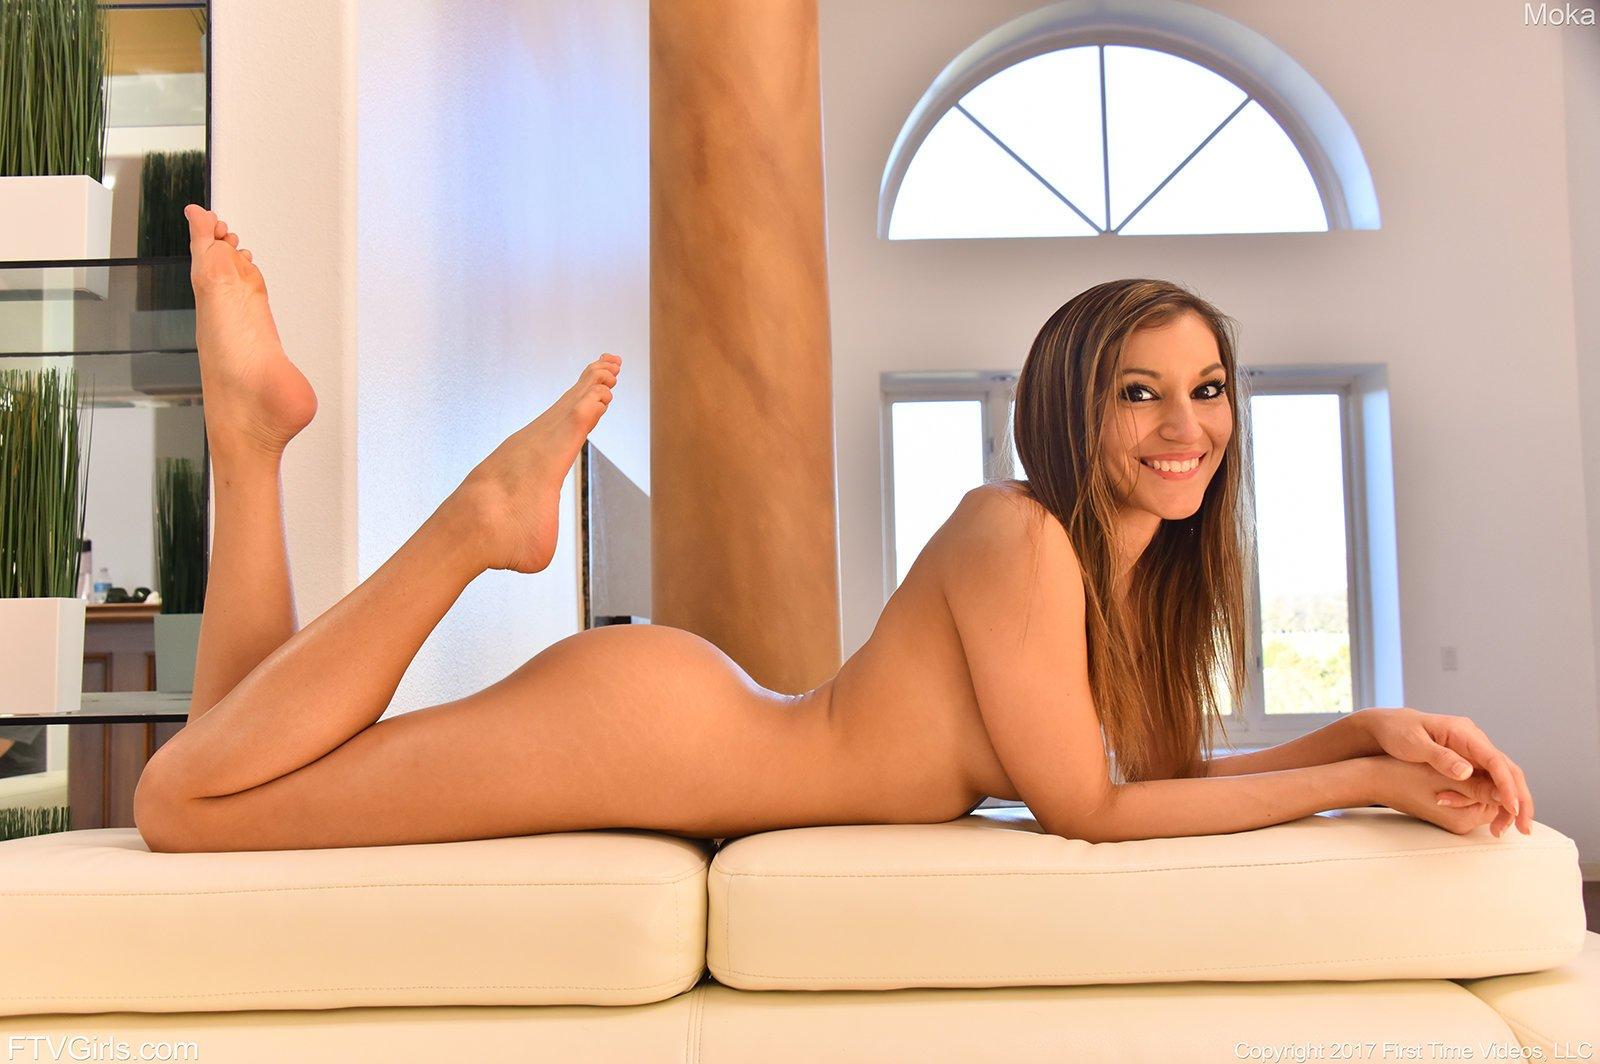 Обнаженная гибка девушка с красивой попой на полу